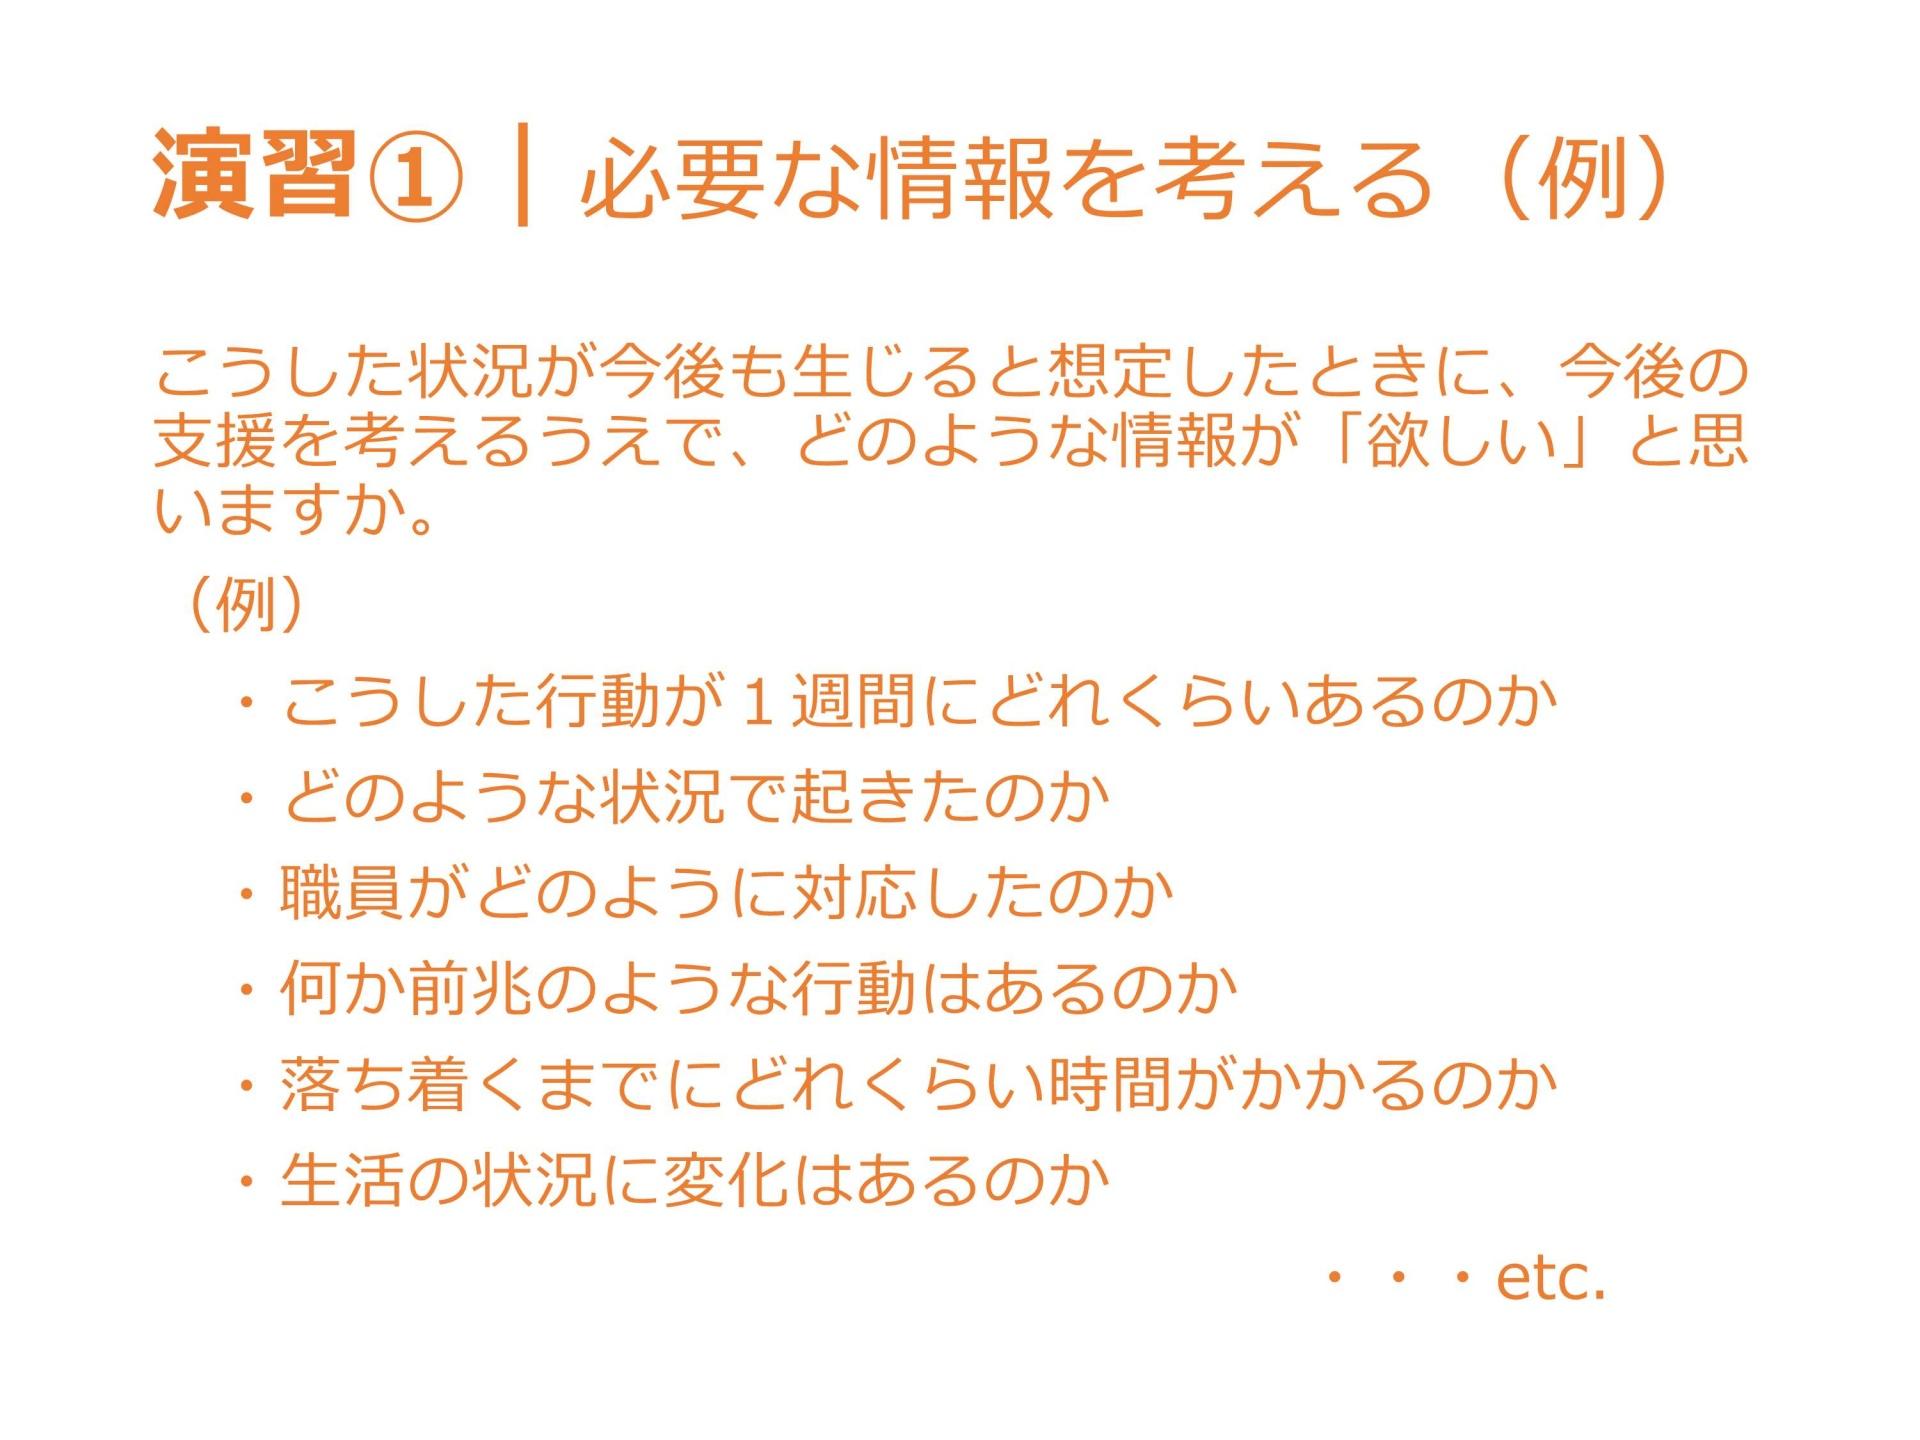 07-1記録に基づく支援の評価(表示用)・宮原/小野澤_1